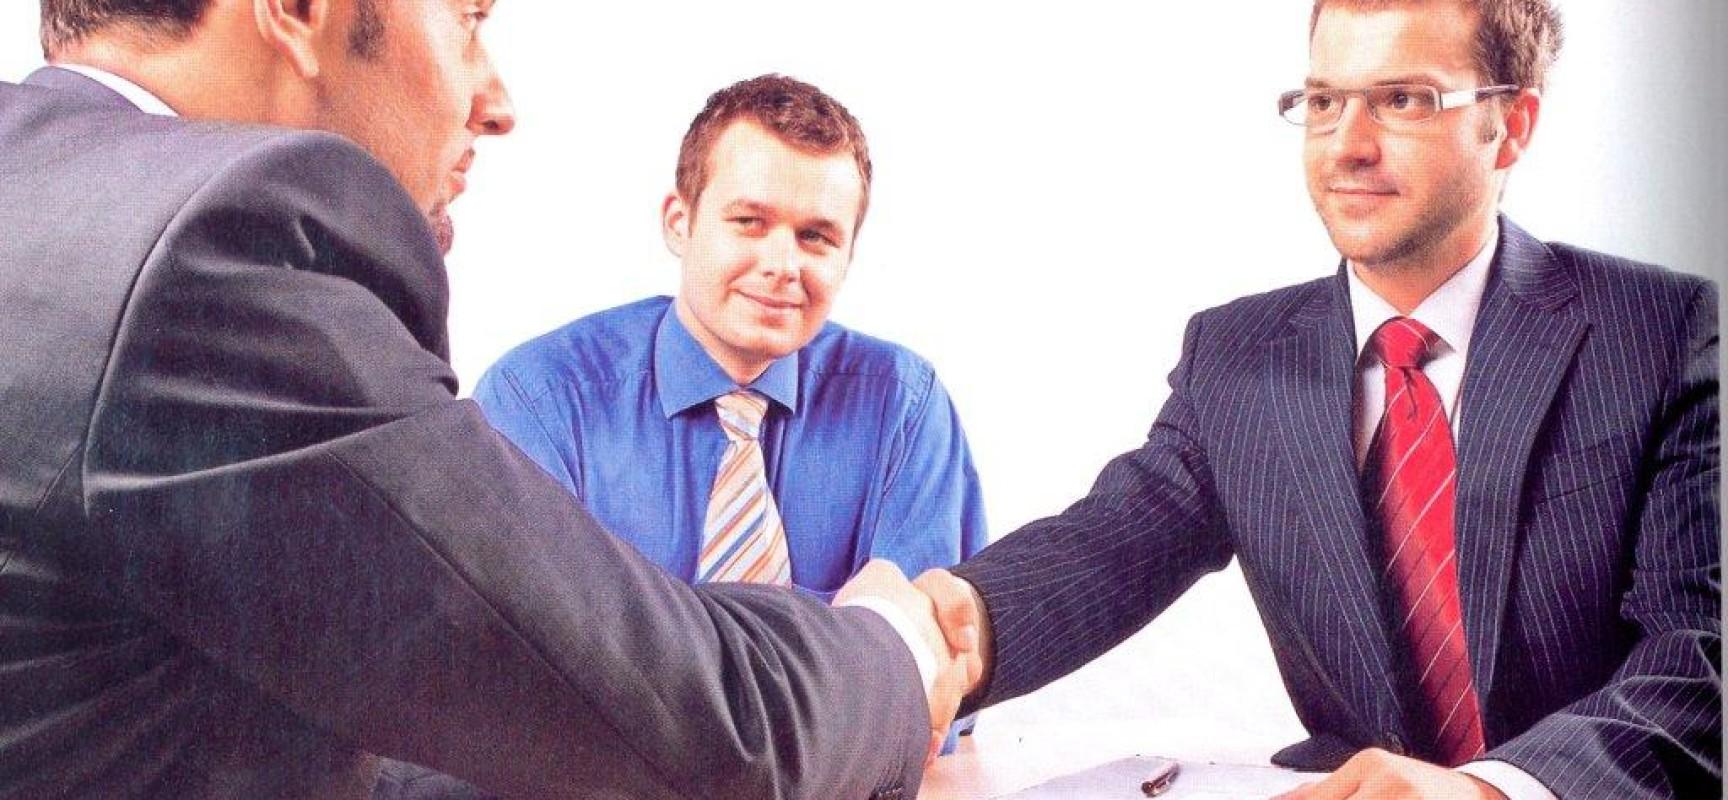 Увольнение директора по соглашению сторон